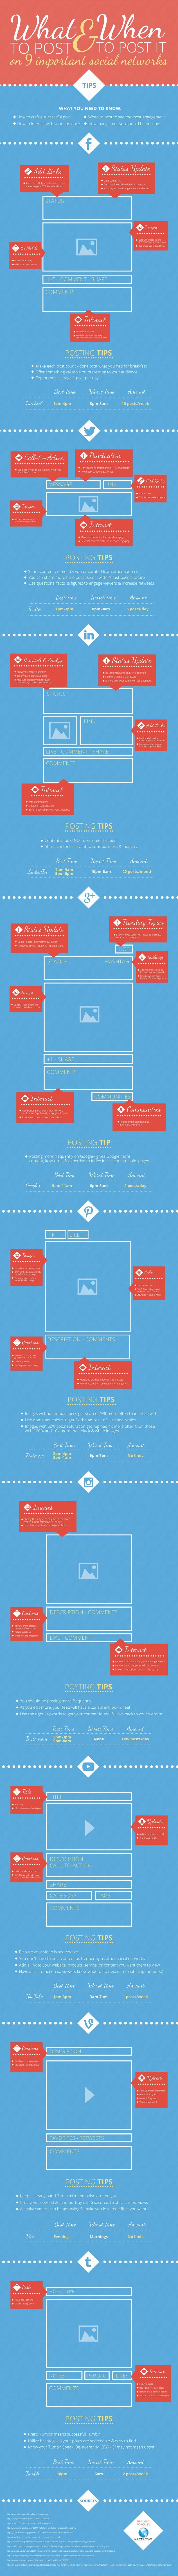 Qué y cuándo publicar en las 9 principales Redes Sociales